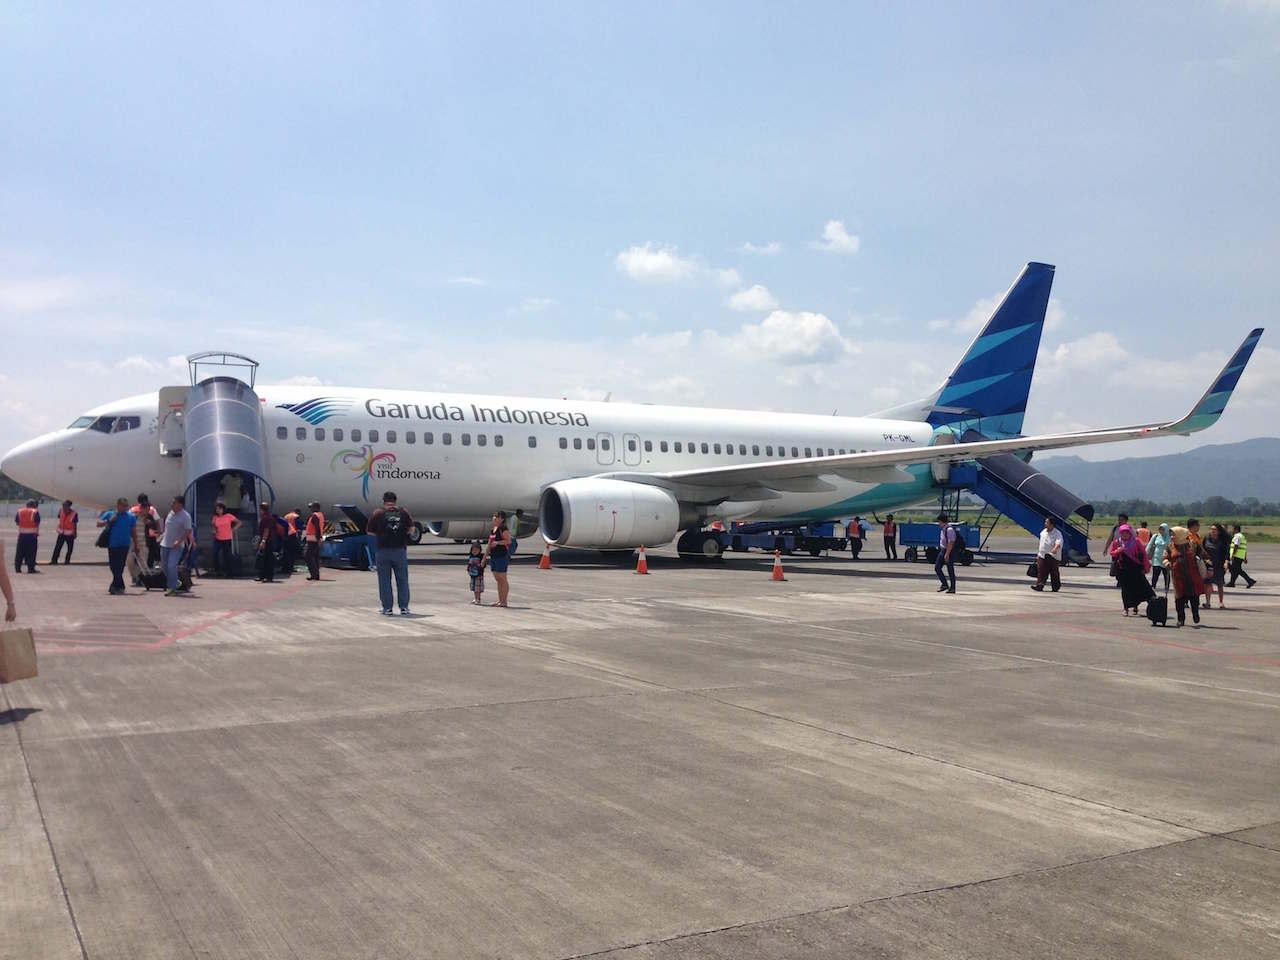 ガルーダ・インドネシア航空 インドネシア マラン